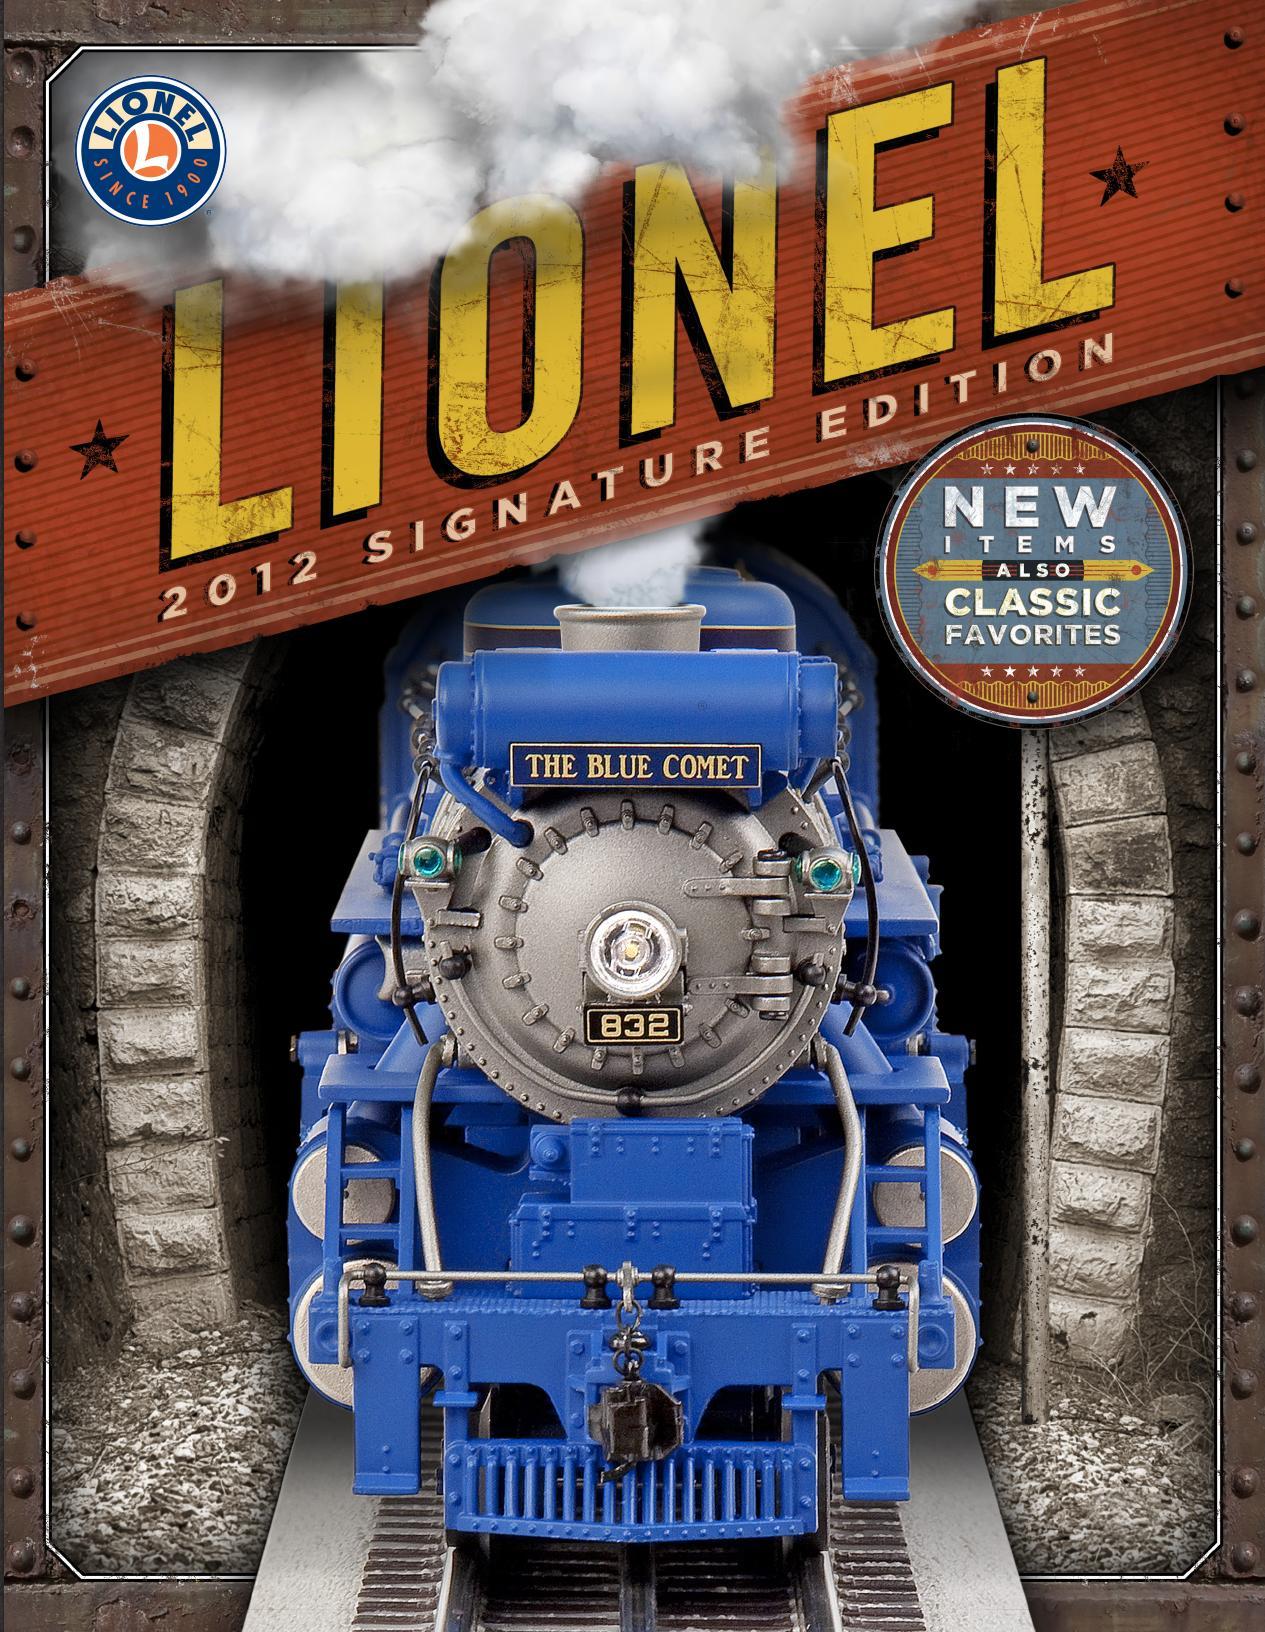 Lionel Catalogs - Signature Edition 2012